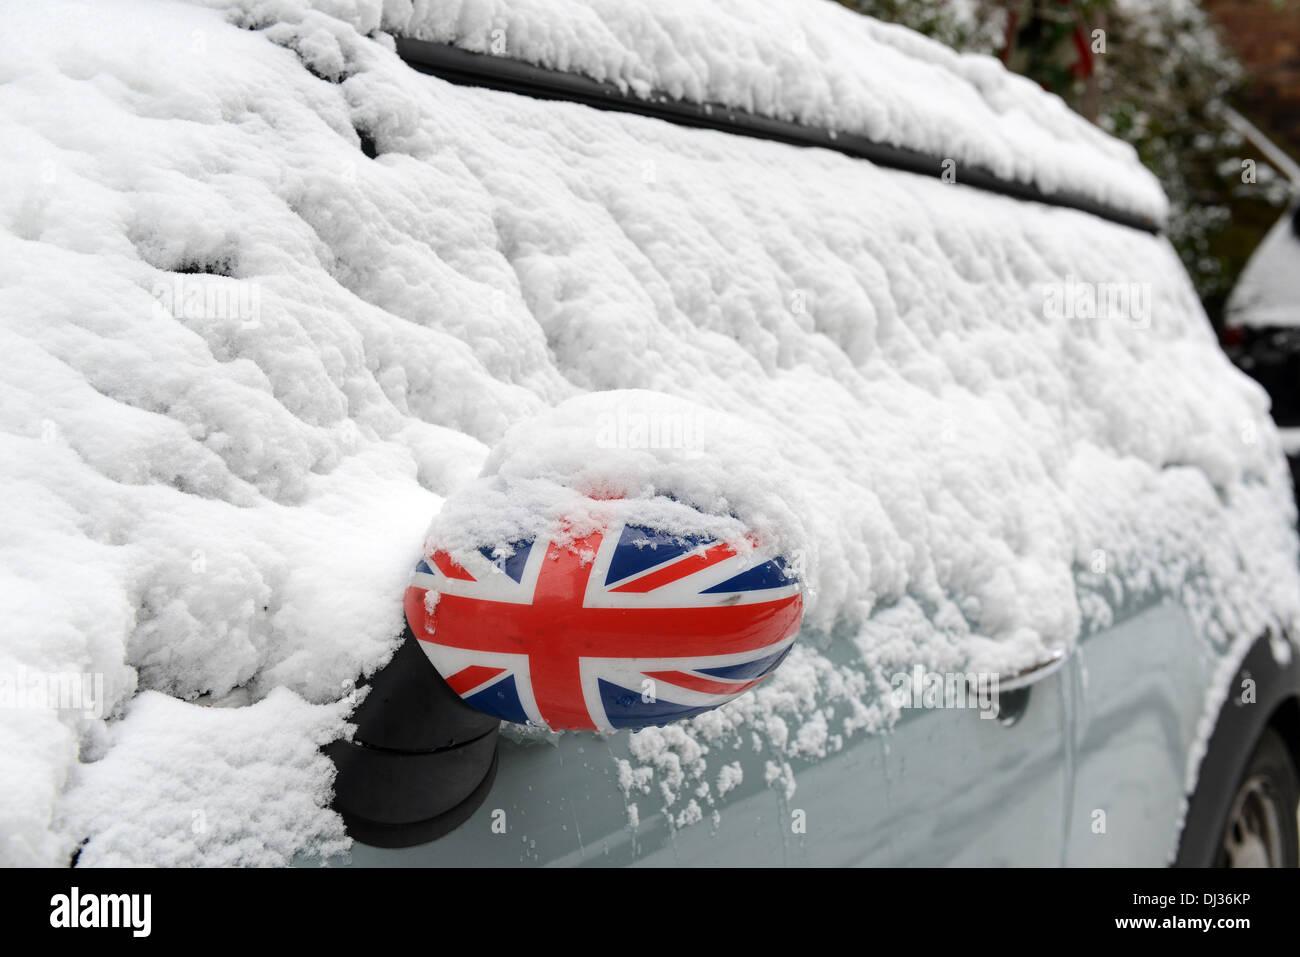 Cubierta de nieve en invierno británico Mini coche con espejo de ala Union Jack 2013 Imagen De Stock